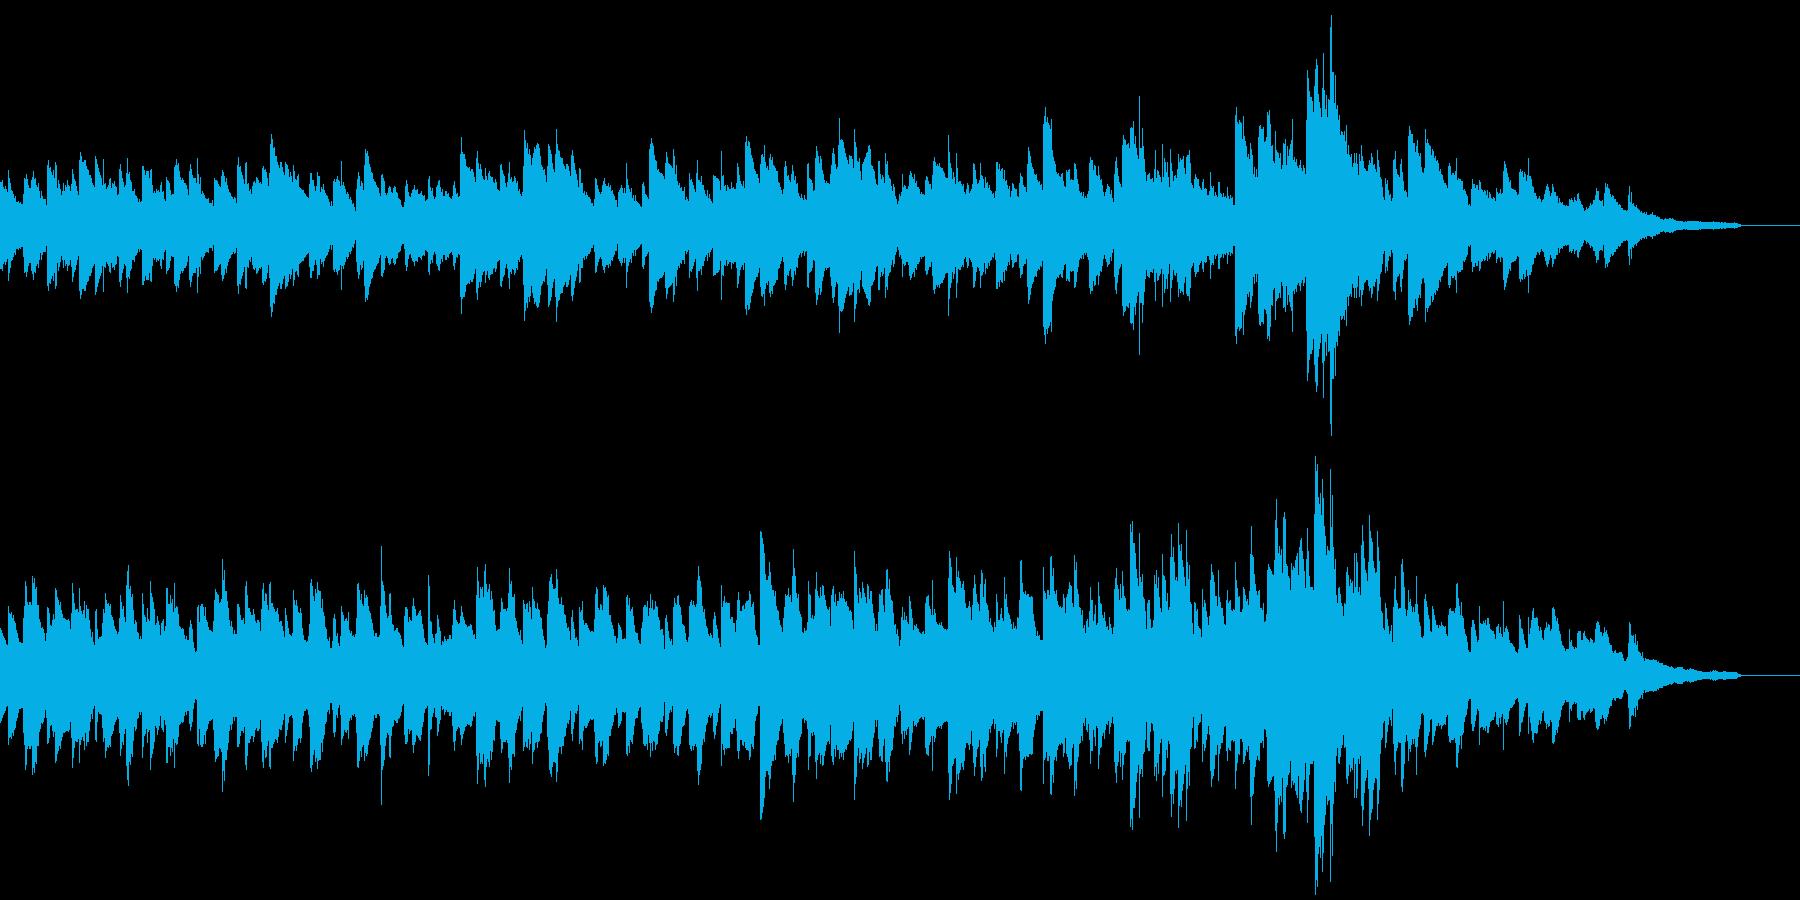 優しく柔らかい音色の映像用ピアノ曲の再生済みの波形